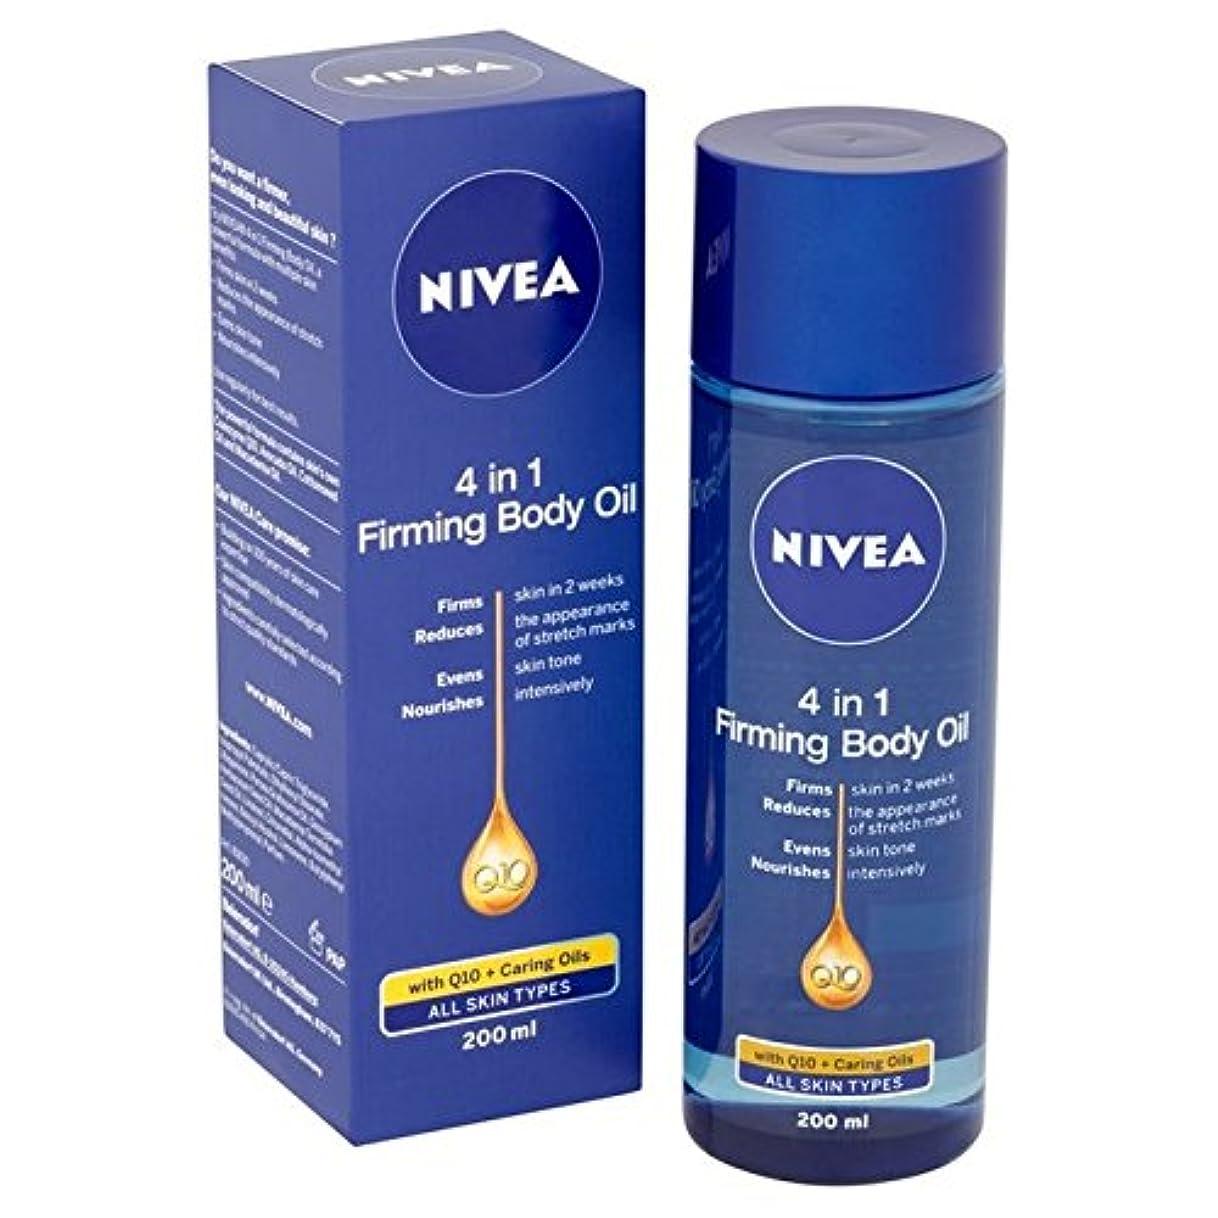 社会主義者スペイン蒸留する1ファーミング油200ミリリットル中ニベアボディ4 x2 - Nivea Body 4 in 1 Firming Oil 200ml (Pack of 2) [並行輸入品]